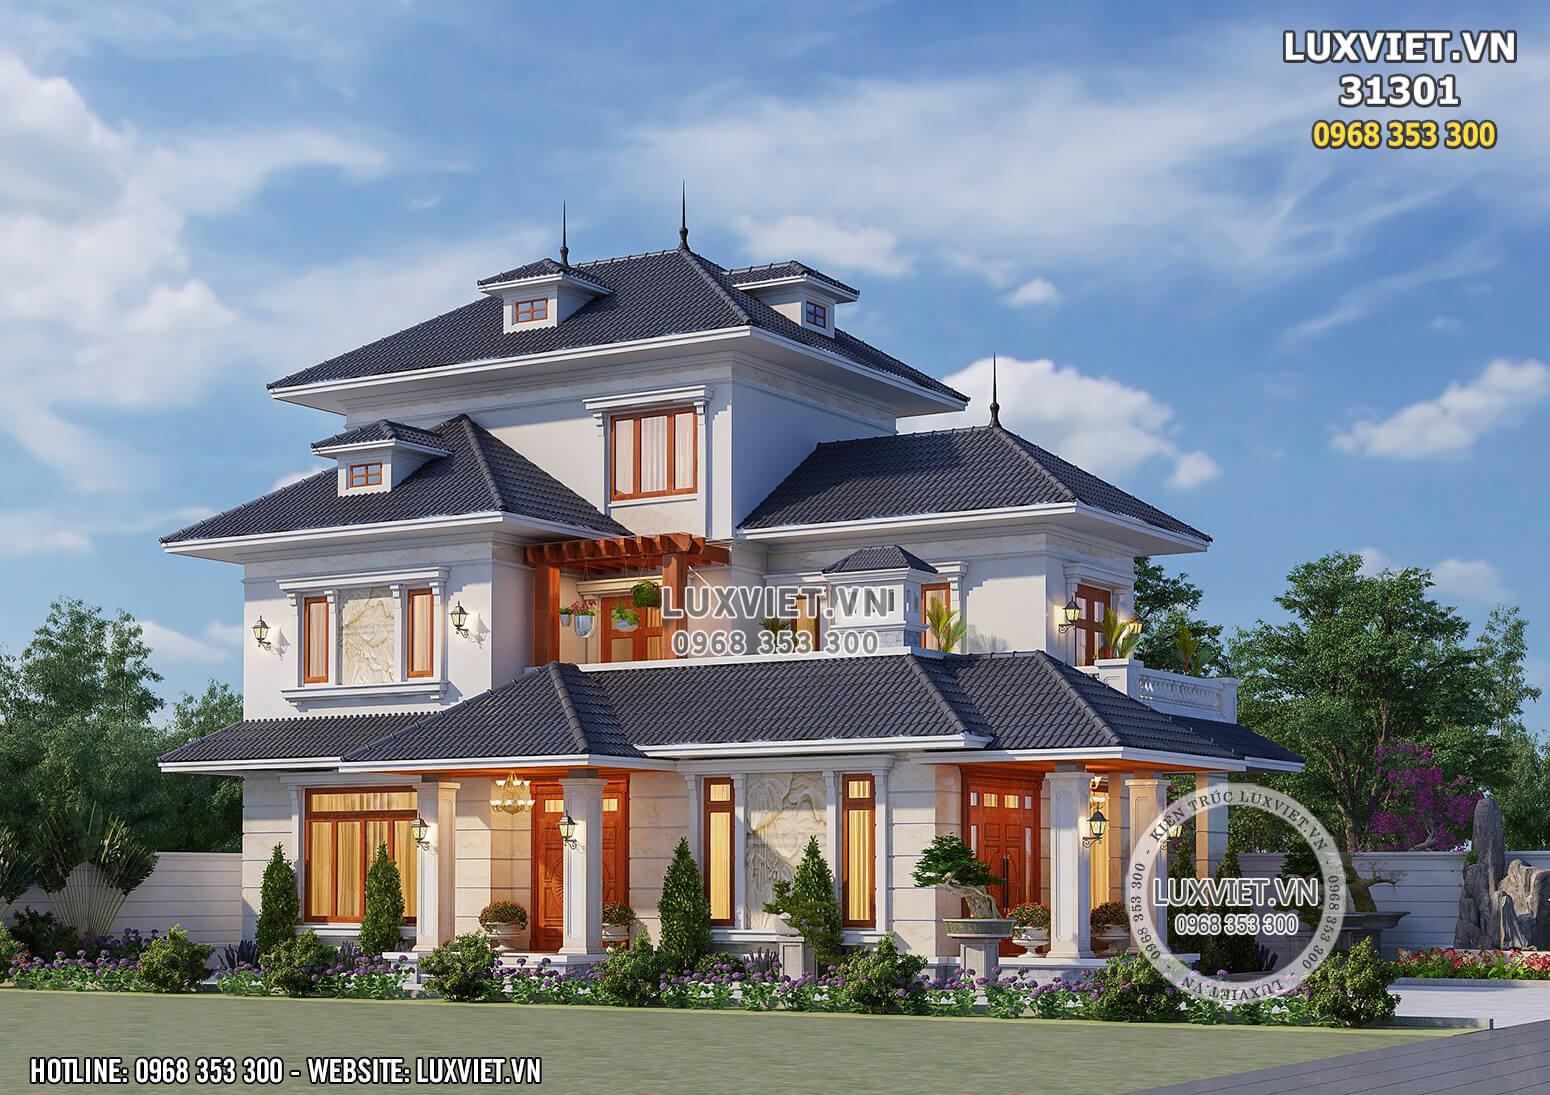 Hình ảnh: Chiêm ngưỡng vẻ đẹp nổi bật của mẫu nhà 2 tầng mái Nhật - LV 31301